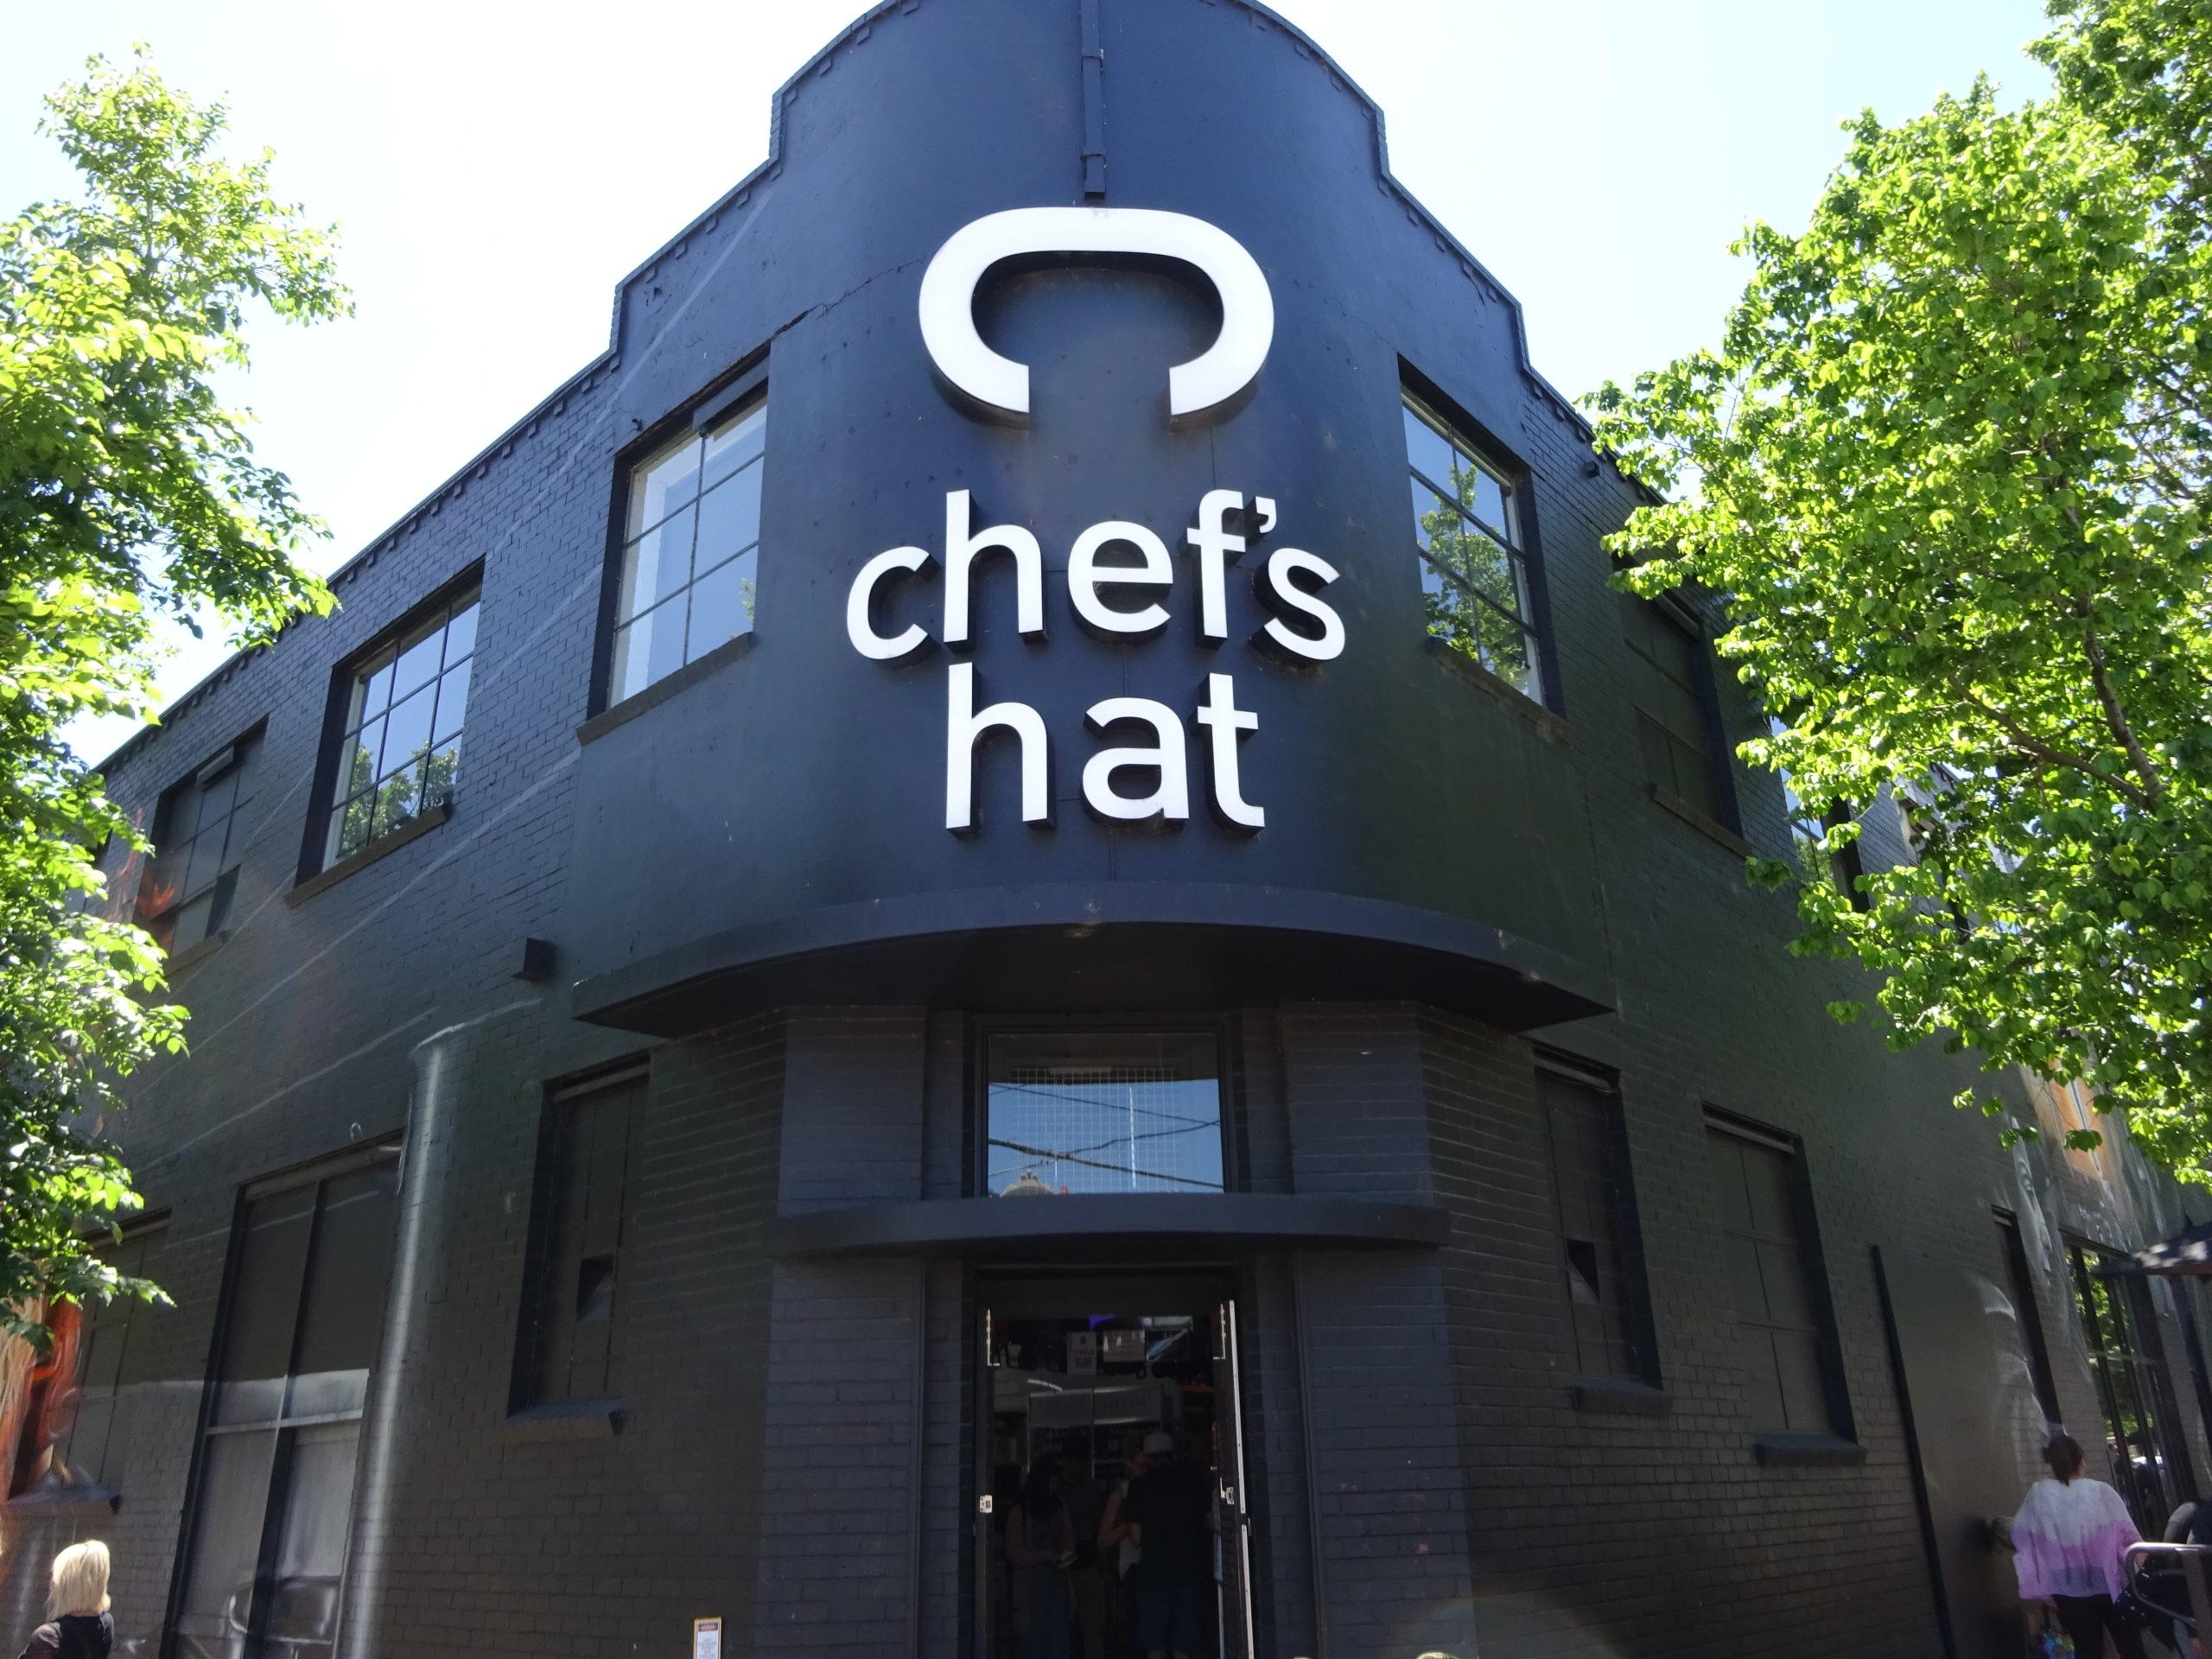 メルボルン【Chef's hat】